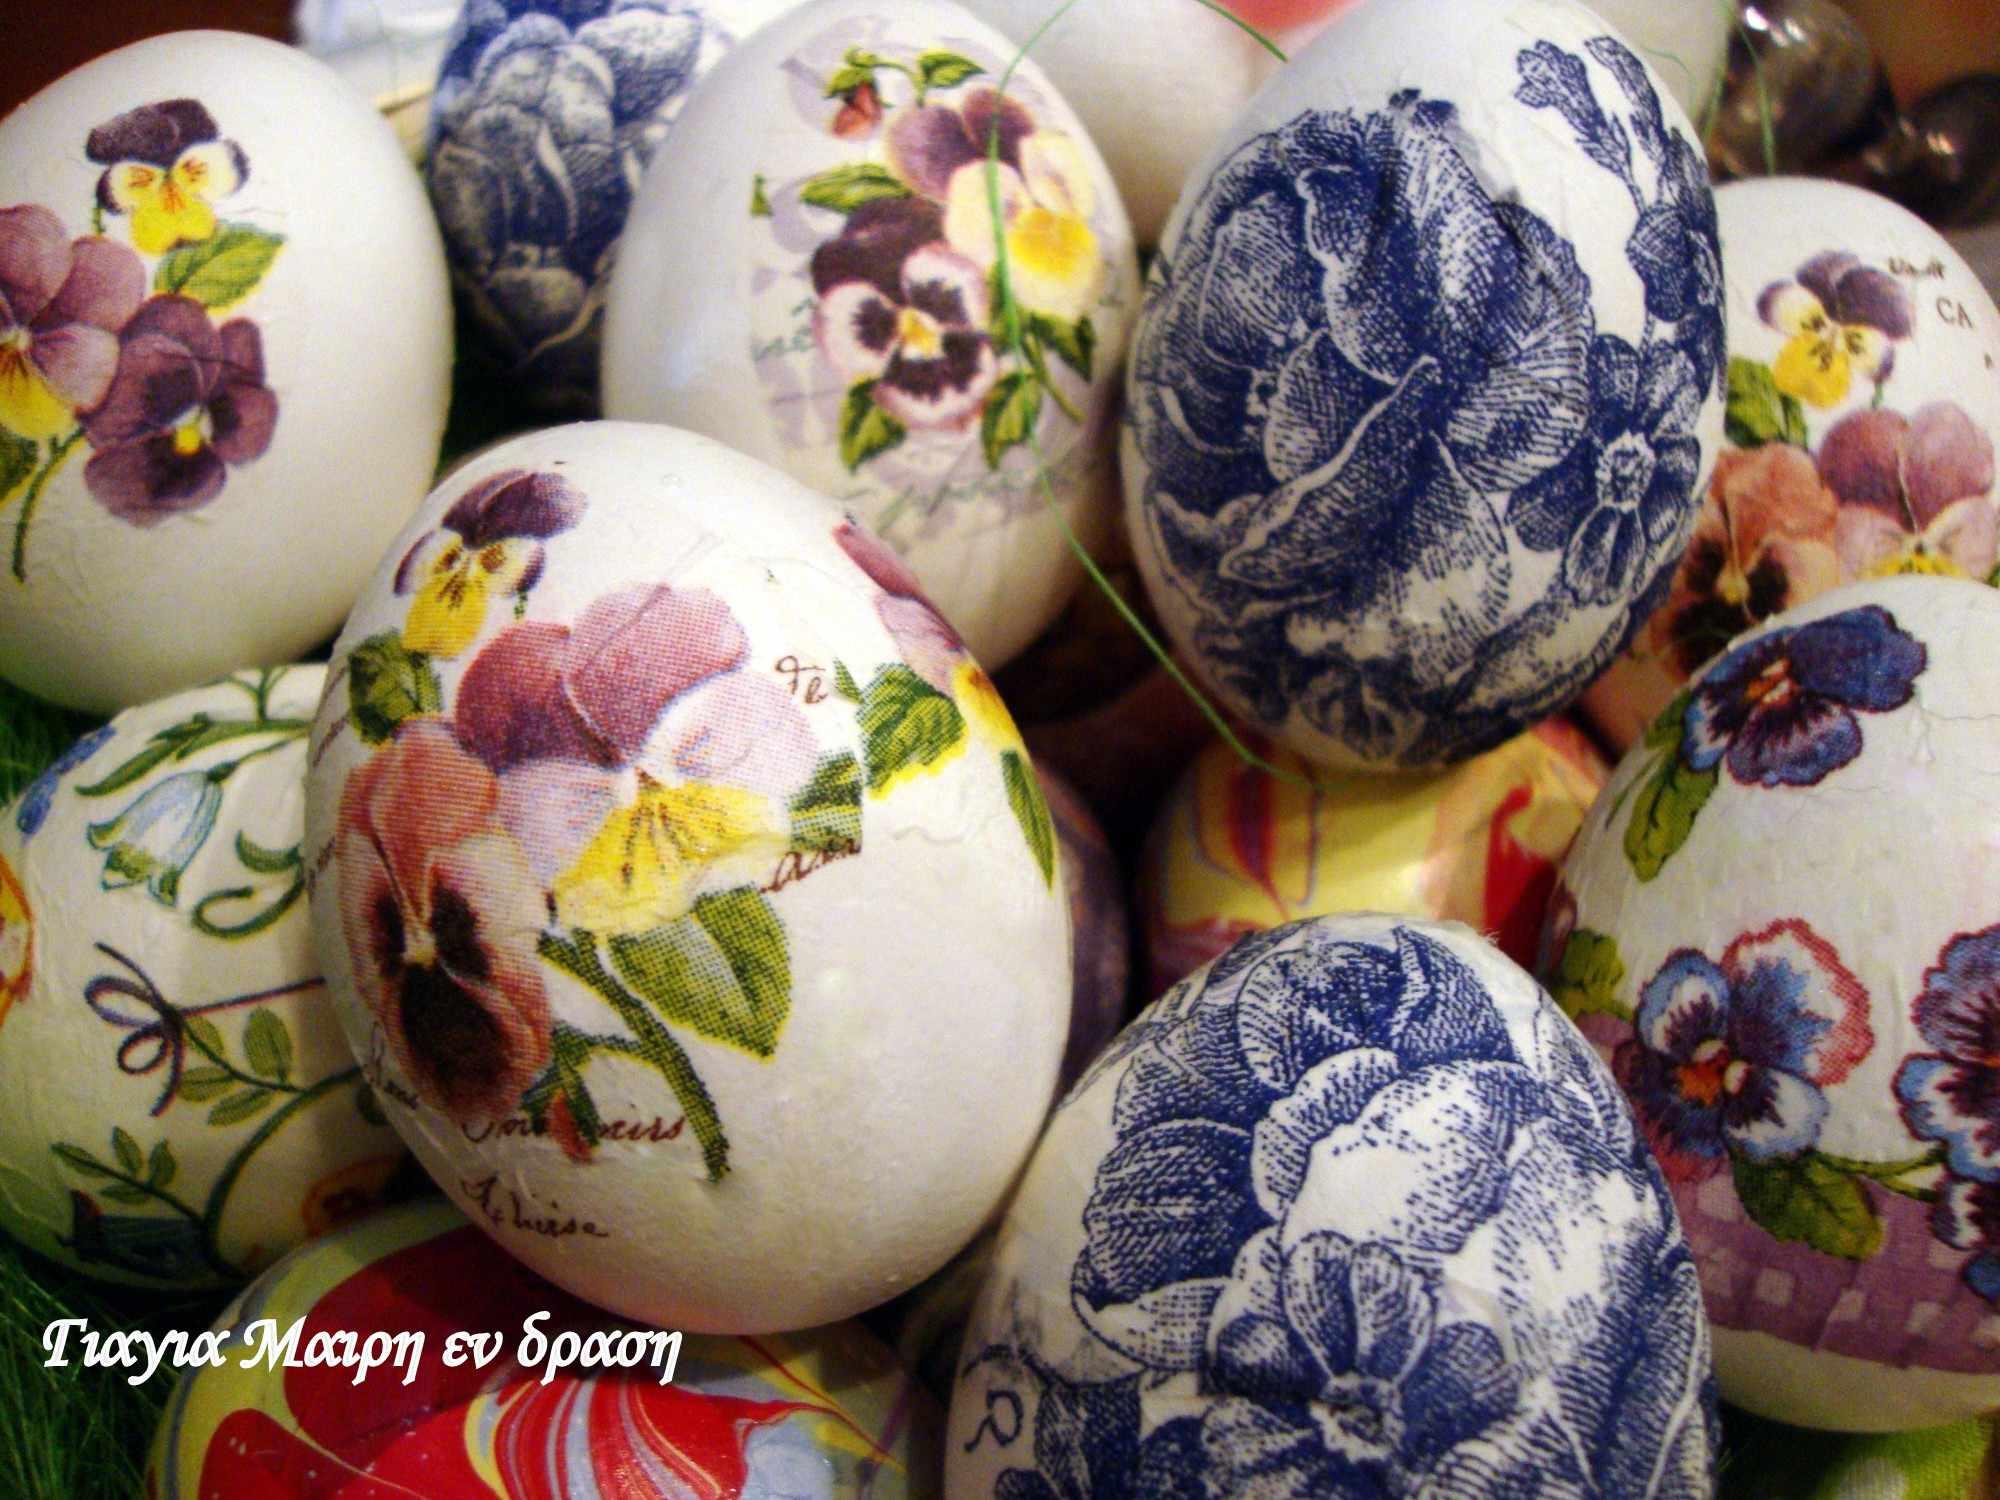 Πασχαλινά αυγά ντεκουπάζ